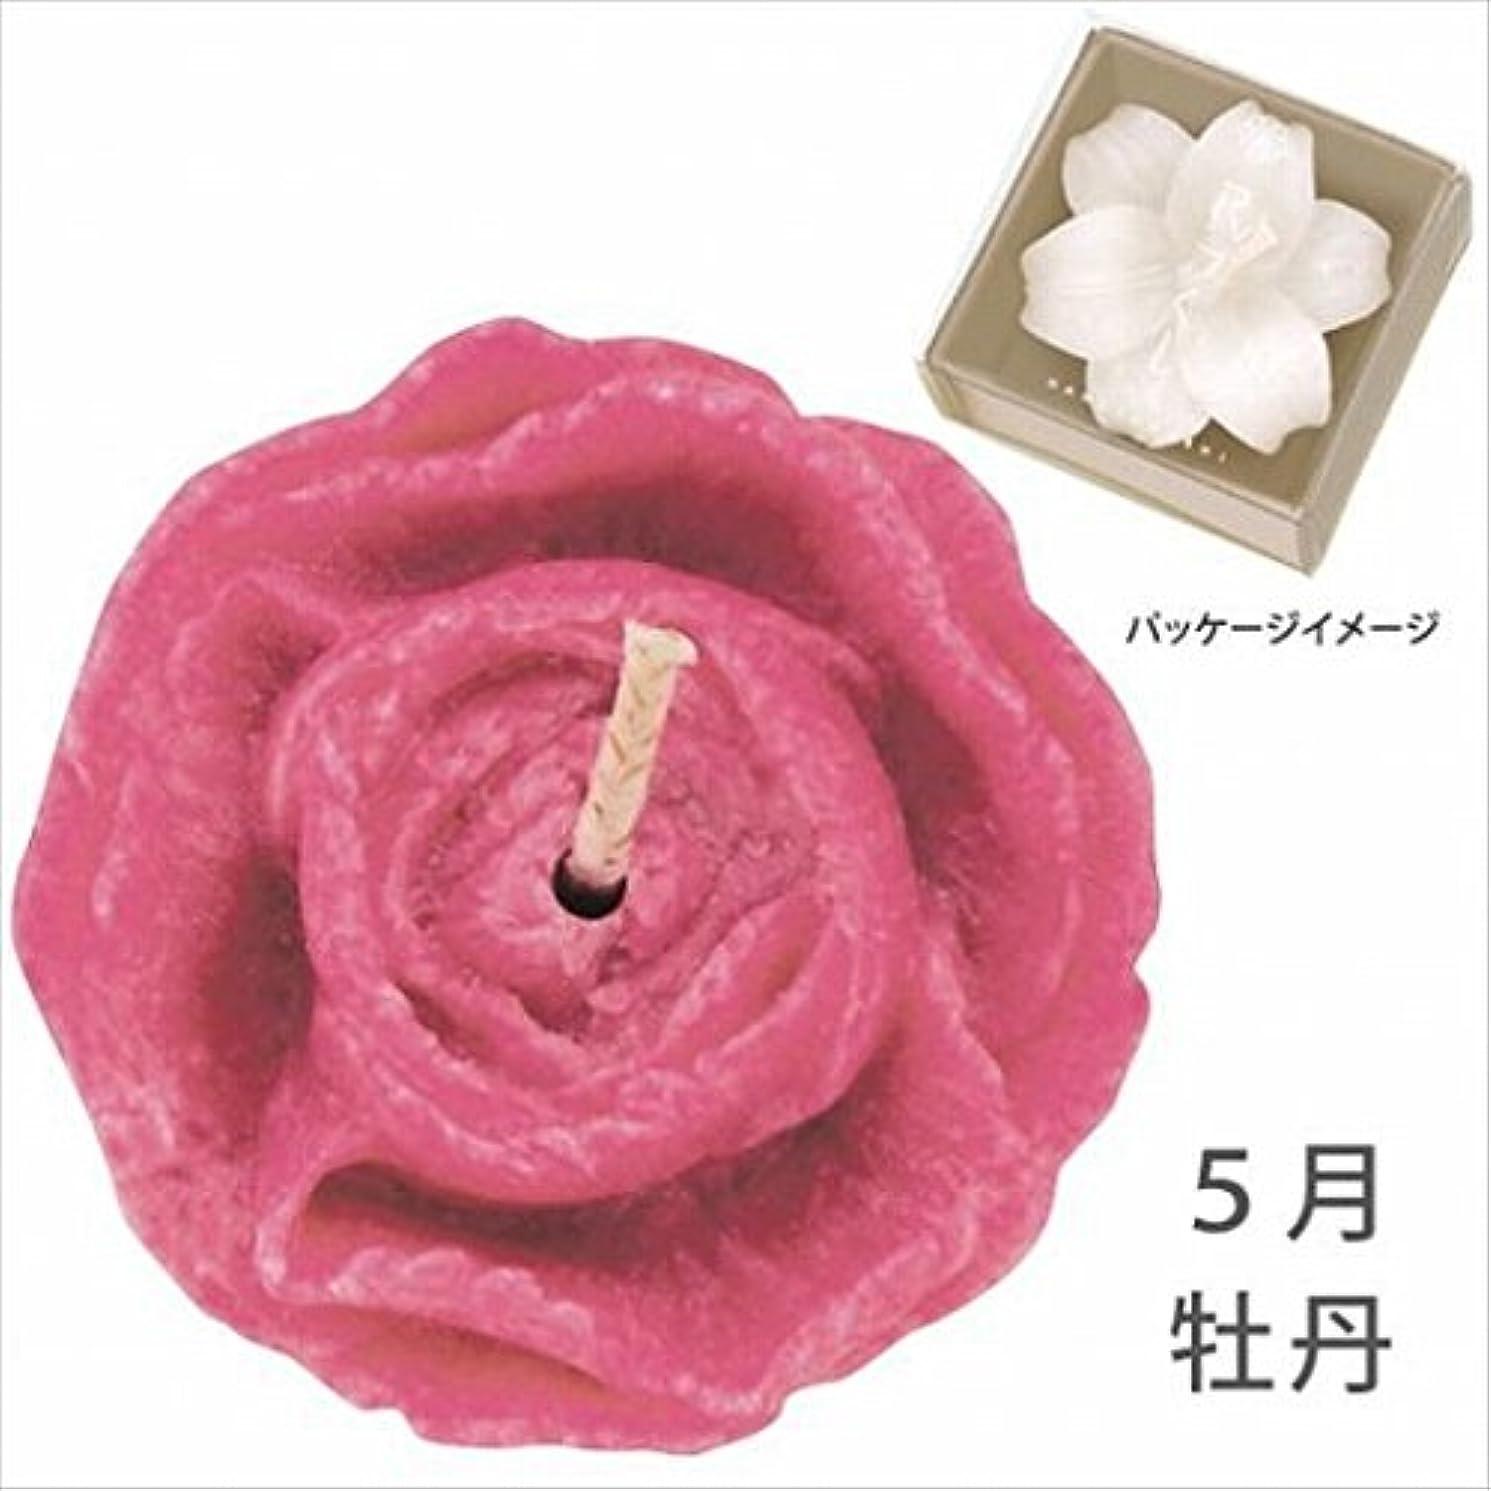 ポーンシャッフル階下カメヤマキャンドル(kameyama candle) 花づくし(植物性) 牡丹 「 牡丹(5月) 」 キャンドル